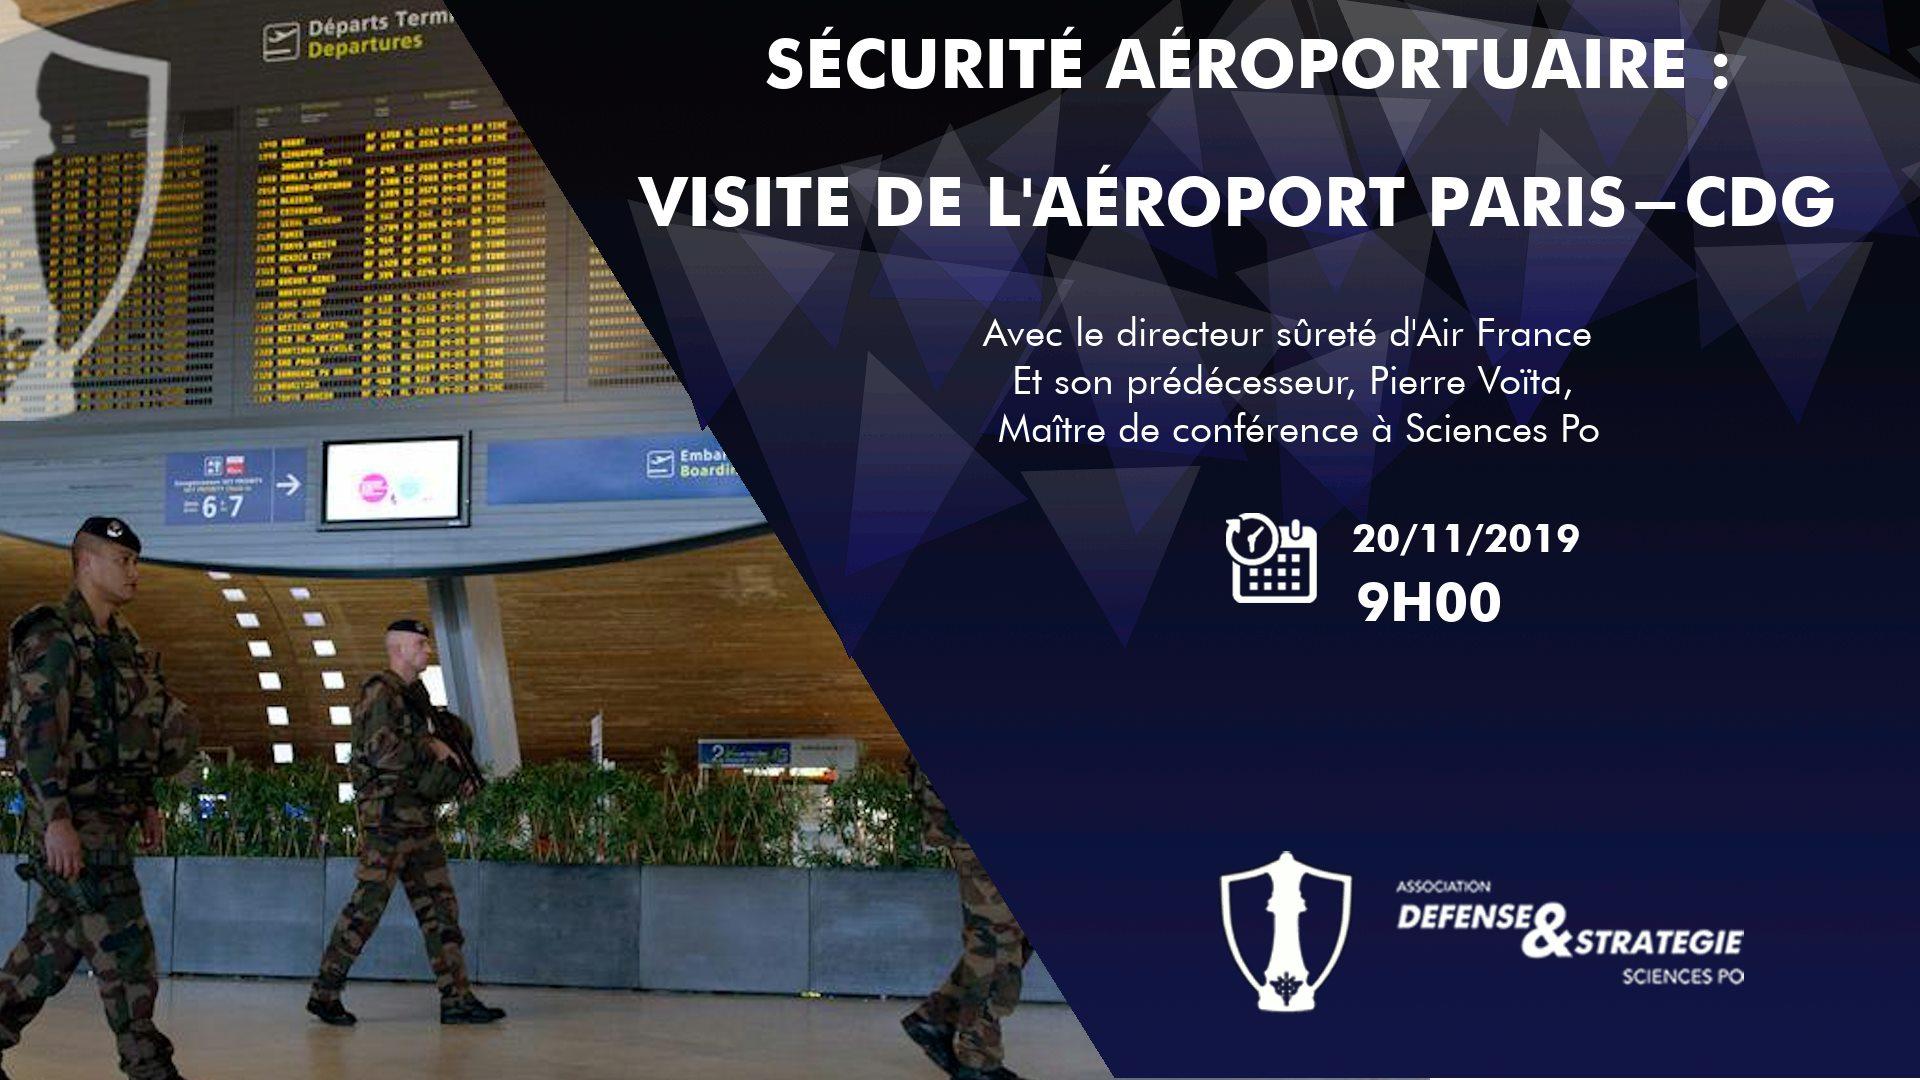 Sécurité aéroportuaire – visite de l'aéroport Roissy – CDG